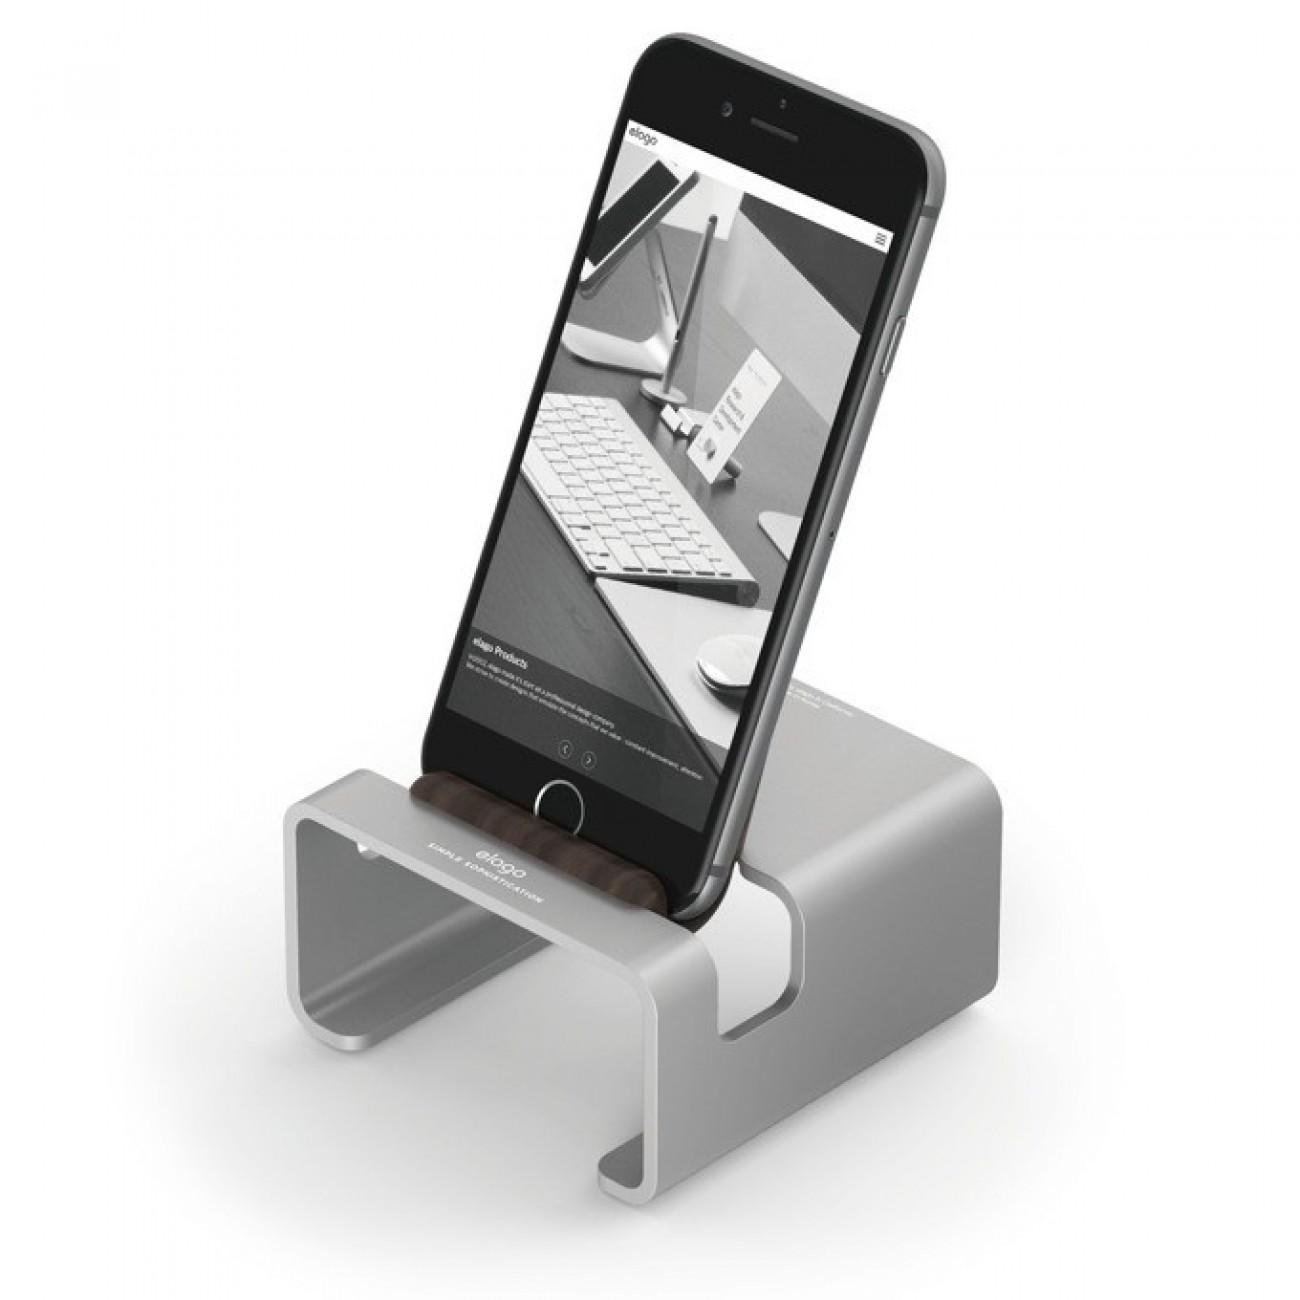 Стойка за бюро Elago M3 Stand - поставка от алуминий и дърво за iPhone 6/6+/5/5S/5C, iPad mini 2/3, сребриста в Други аксесоари за Телефони -  | Alleop